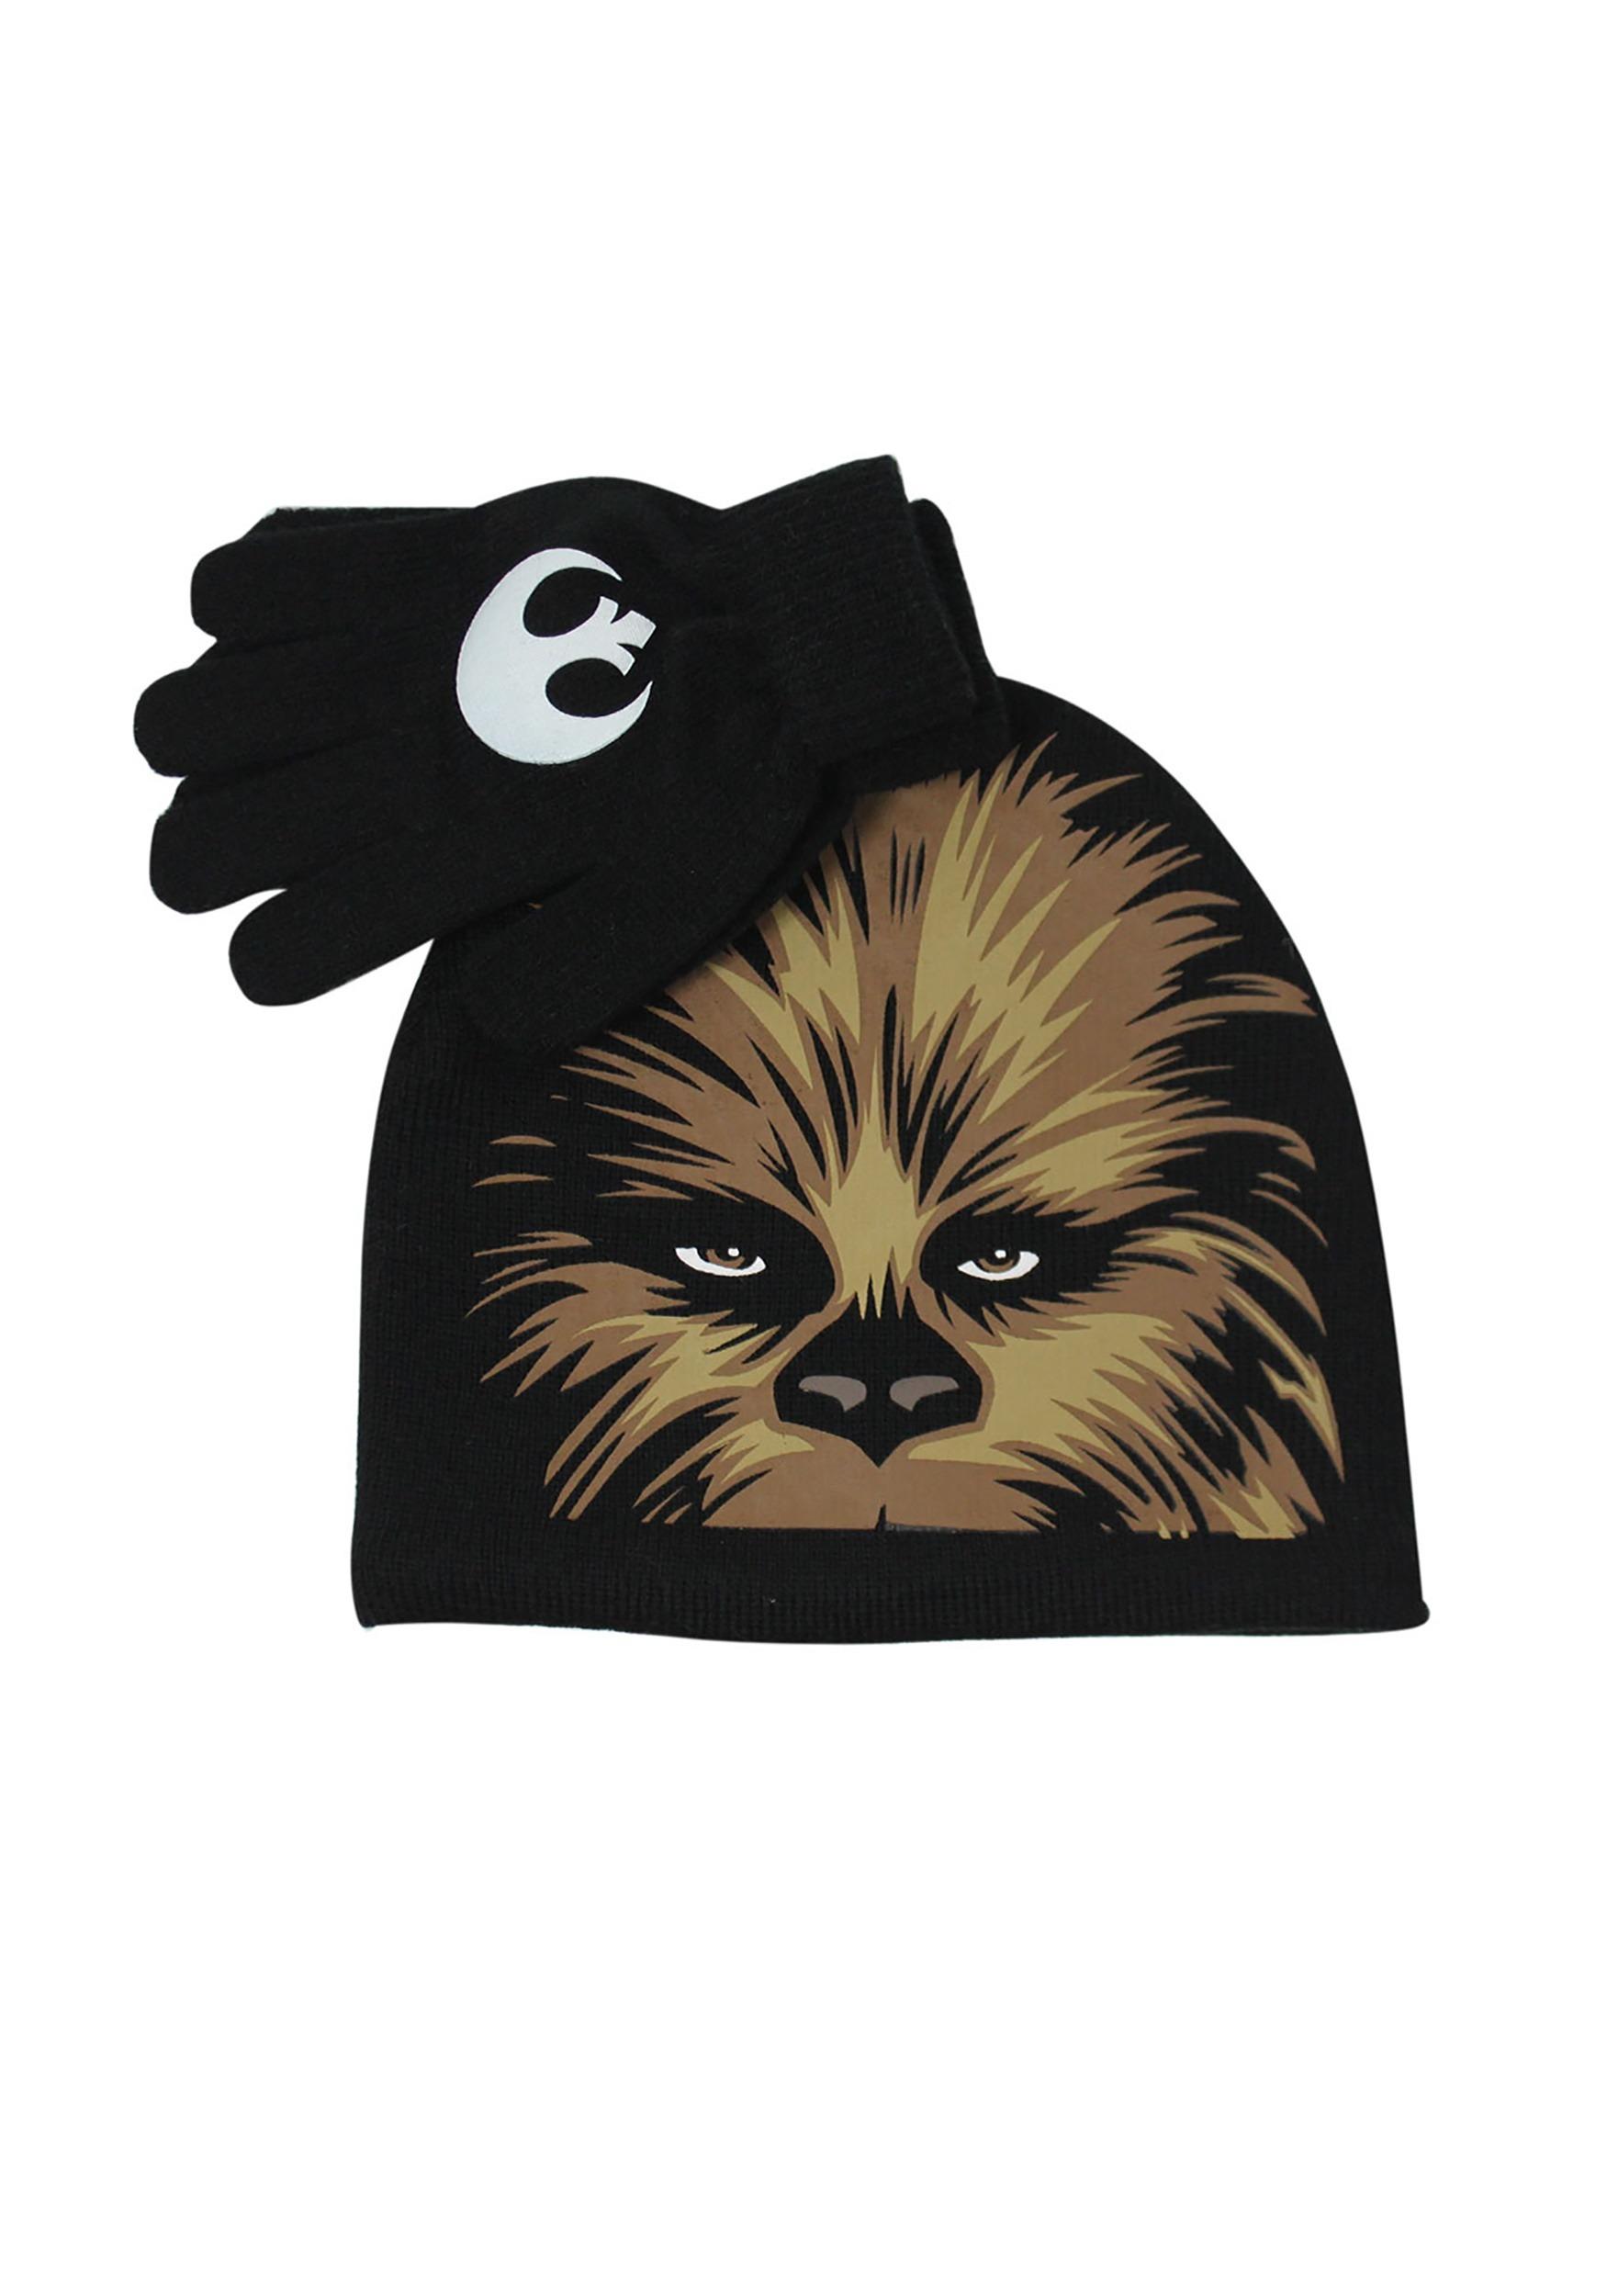 Chewbacca Kids Big Face Beanie   Glove Set faa1bbc57d2